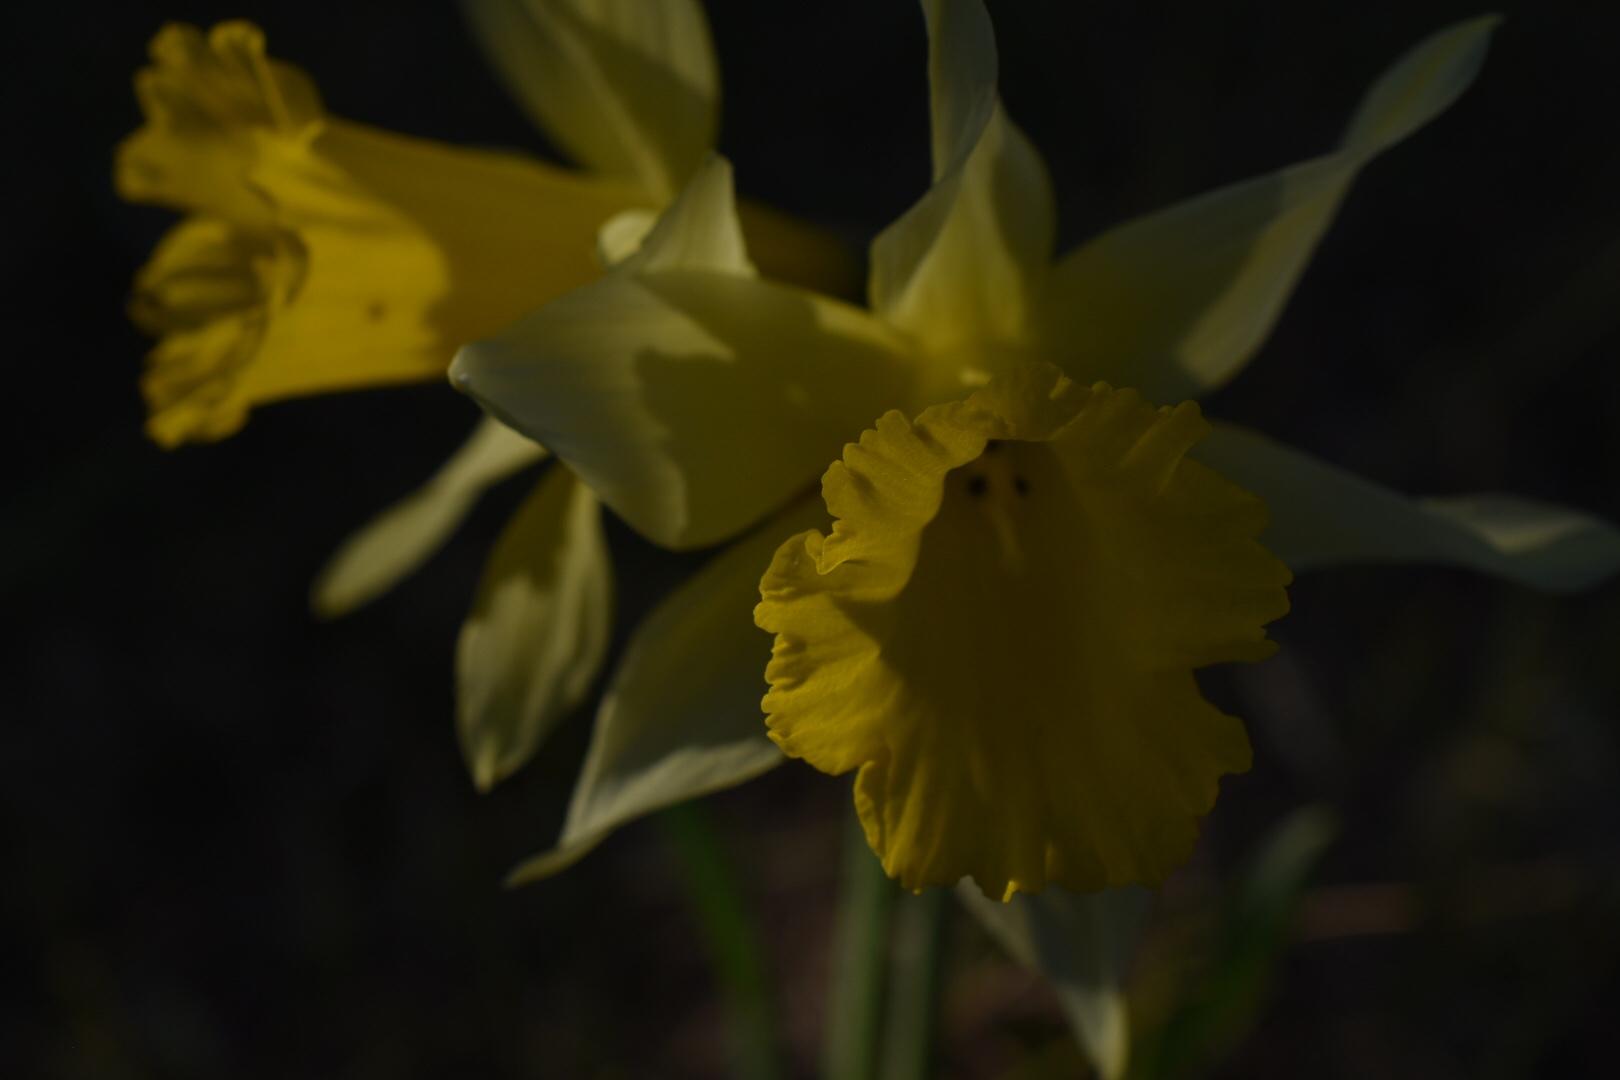 Nahaufnahme der Narzissen Blüten dunkel belichtet